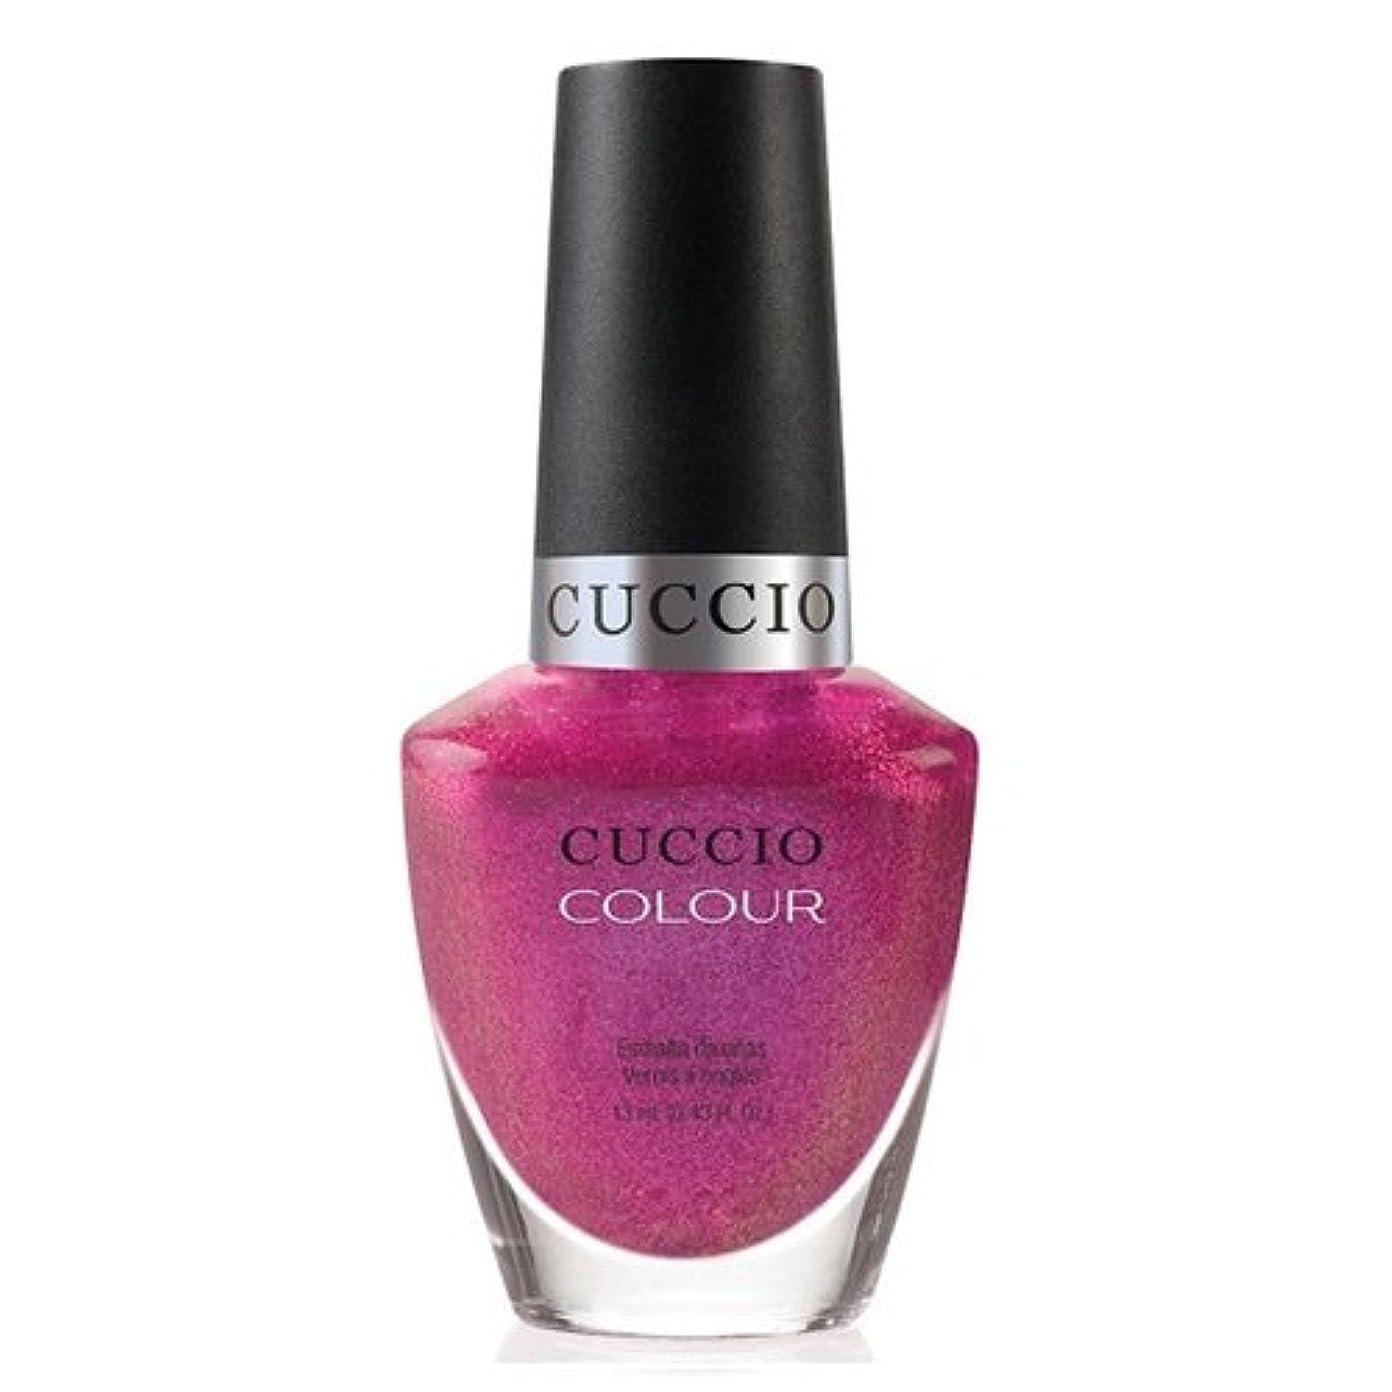 シンプルな高速道路クスクスCuccio Colour Gloss Lacquer - Femme Fatale - 0.43oz/13ml